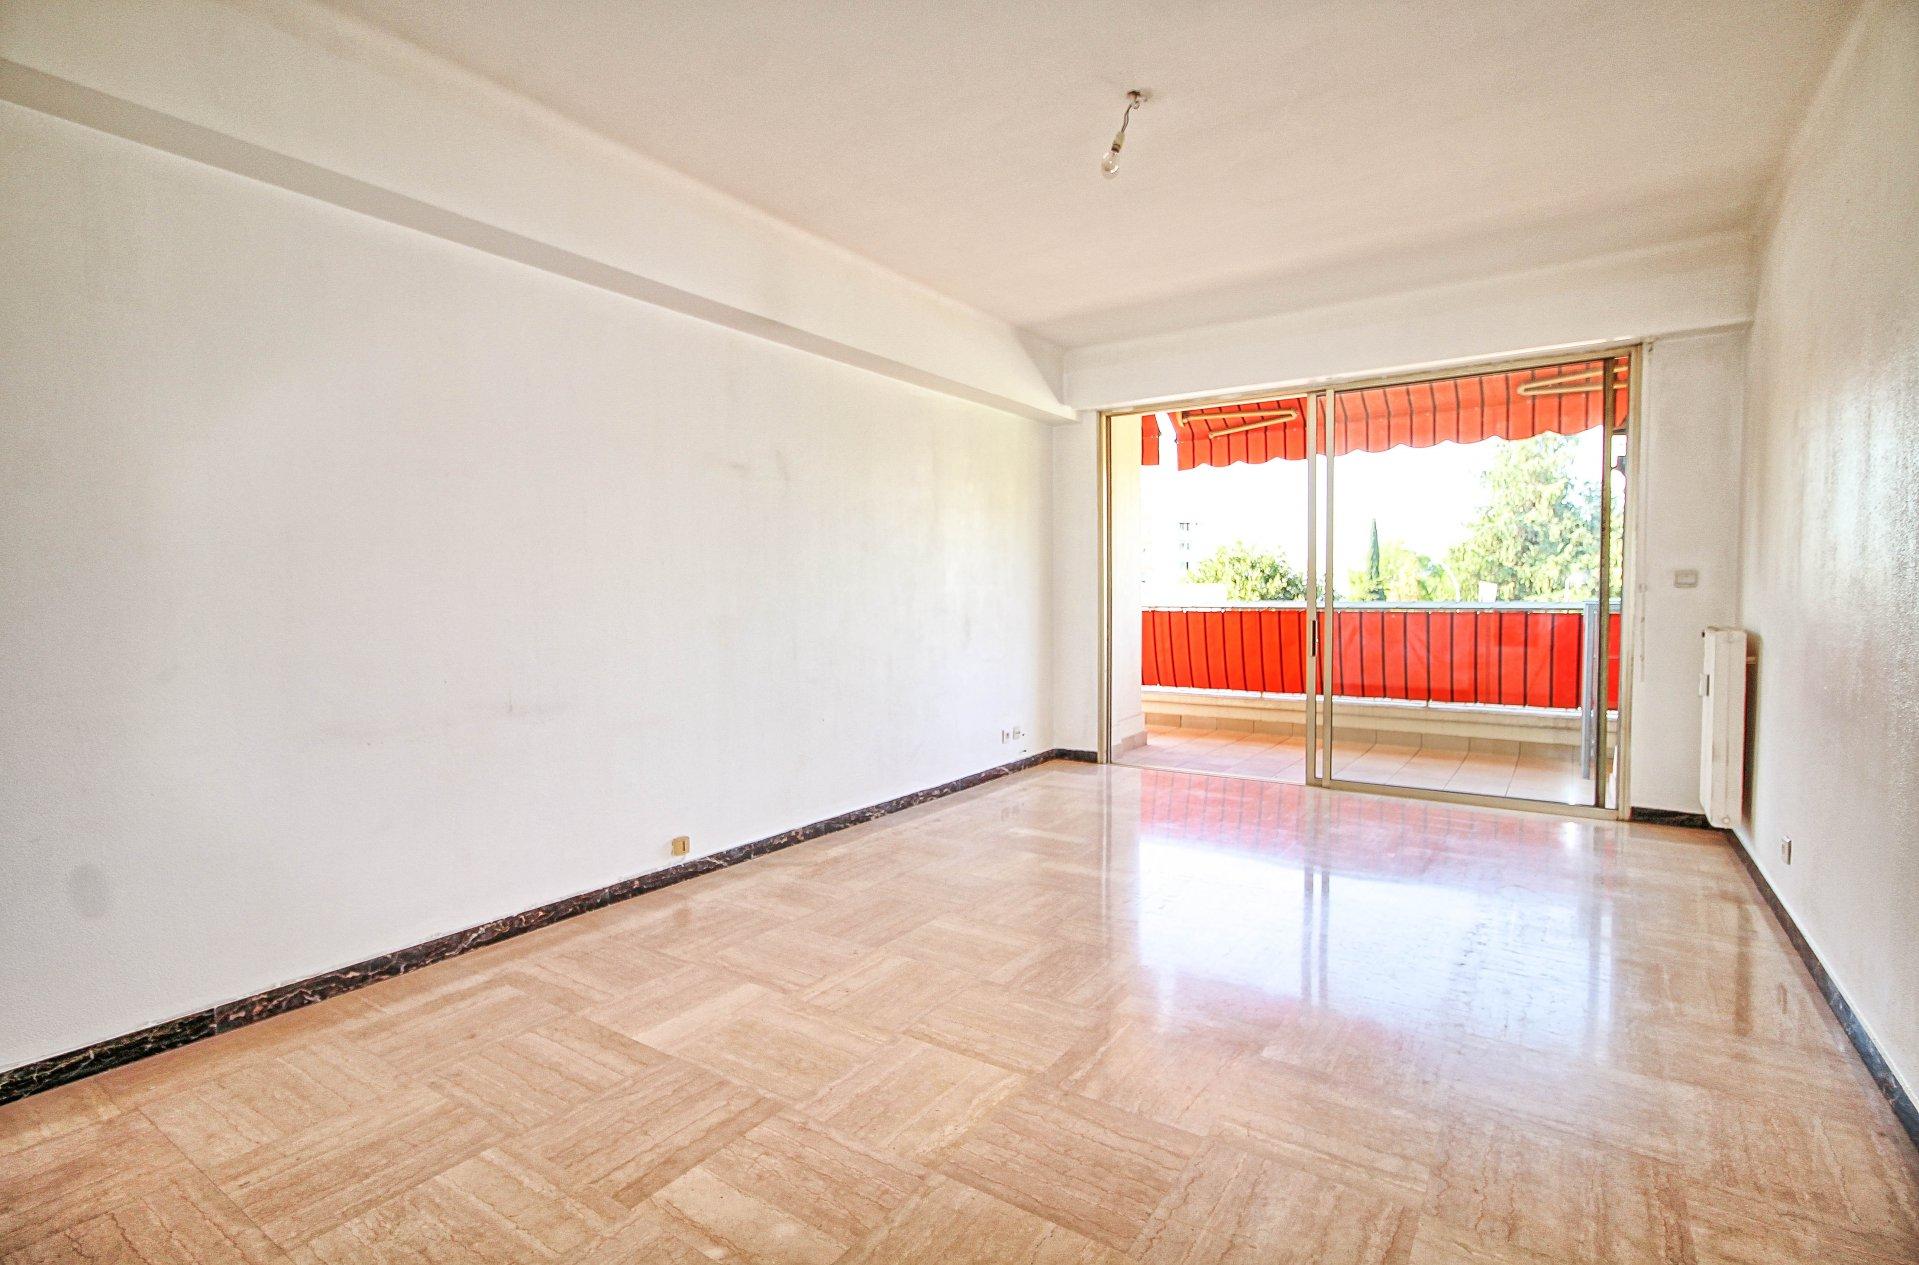 Appartement, 3 pièces, Nice, Cimiez, terrasse, prestige